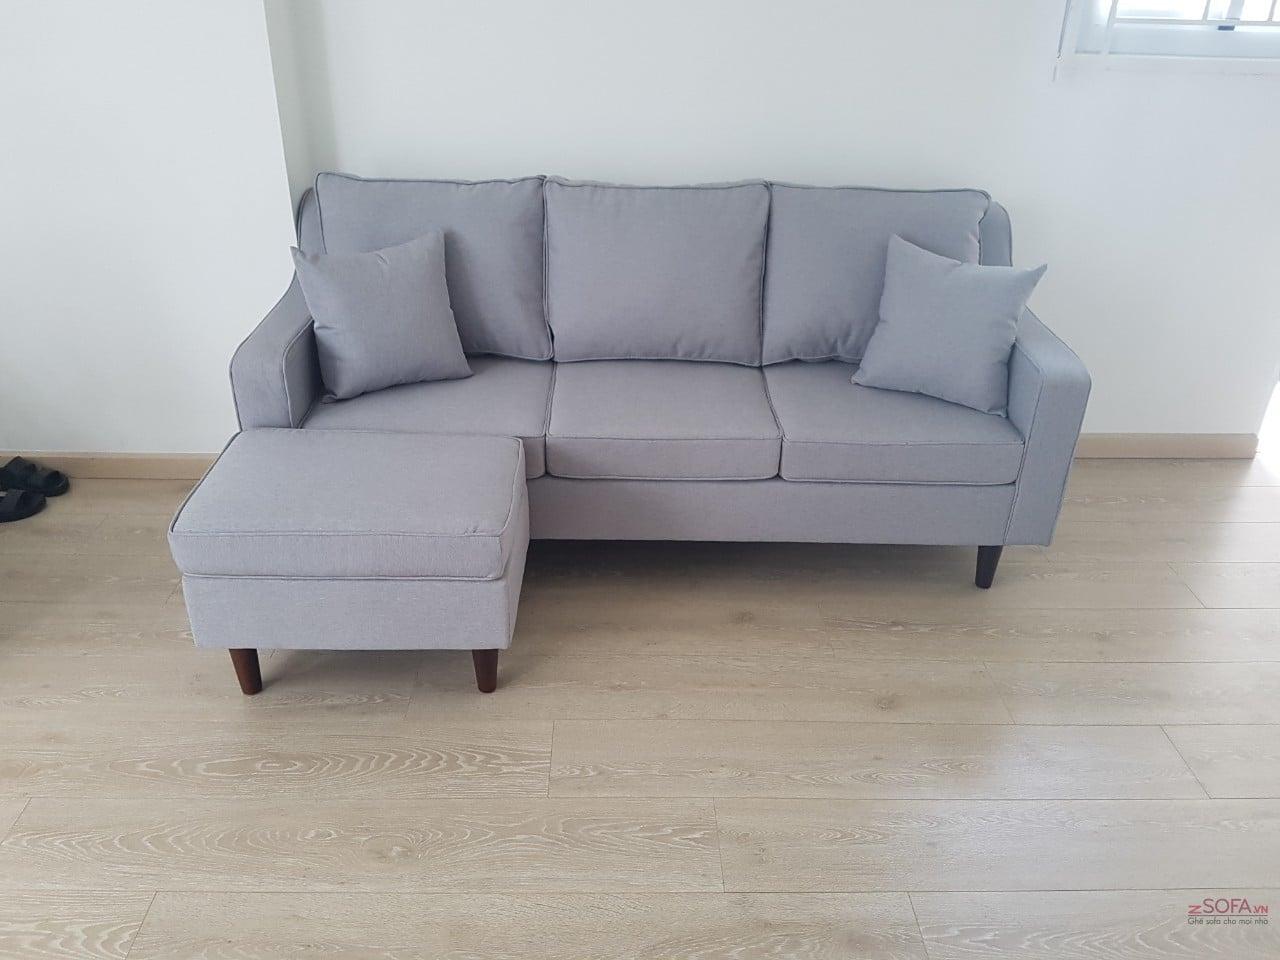 zSofa cung cấp ghế sofa ở Bình Phước